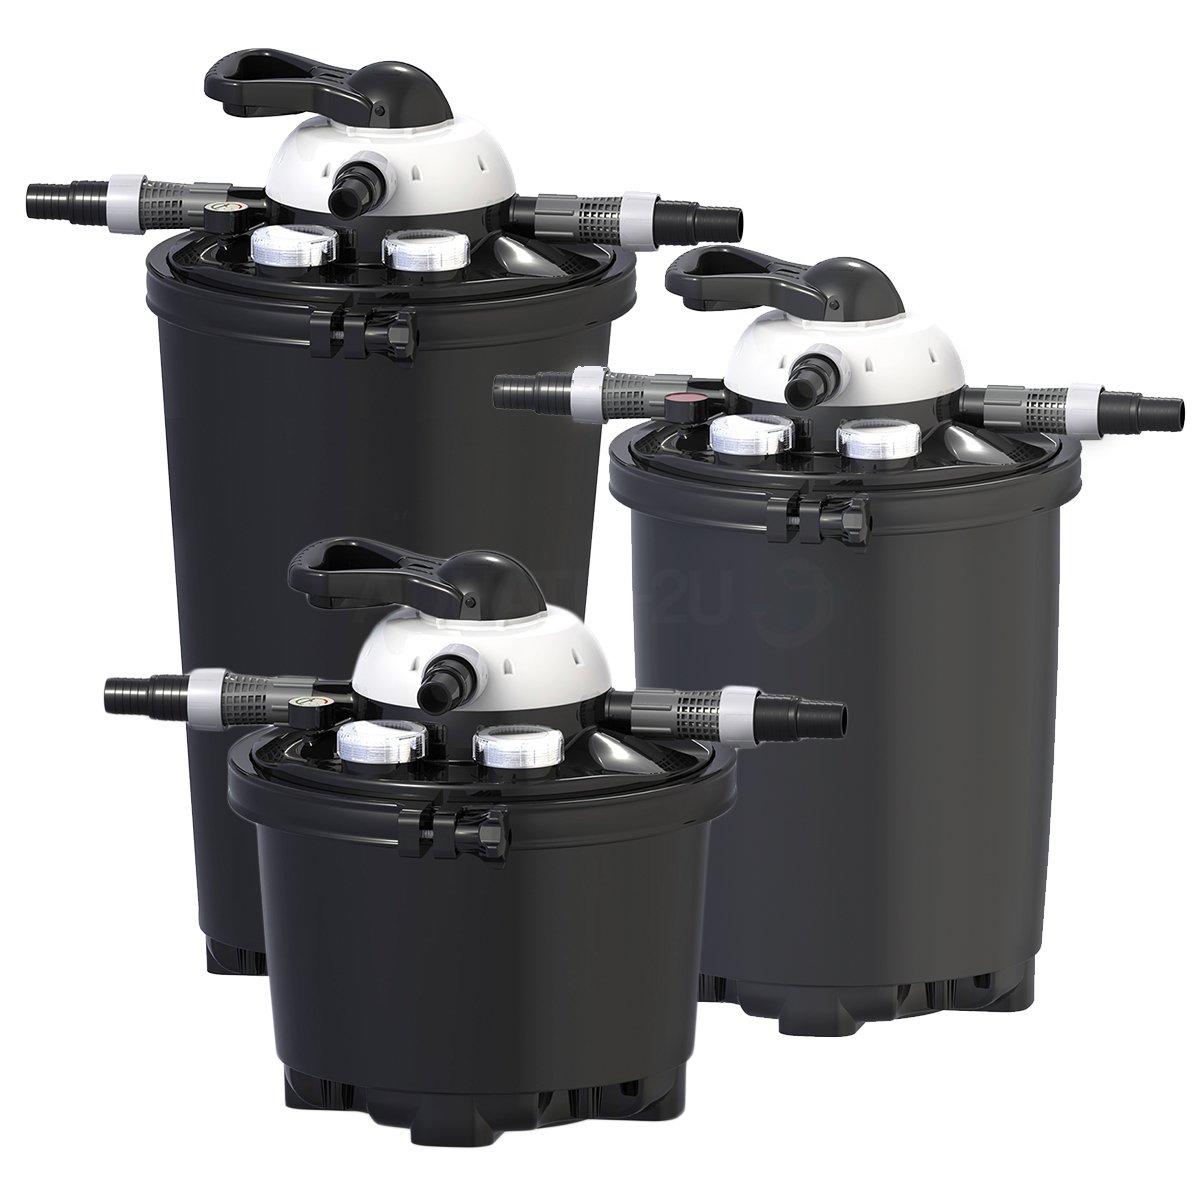 Velda 126310 Druckfilter für Teiche bis 10.000 Liter inkl. 9 Watt UV-C, Clear Control 25 + UV-C, 126310